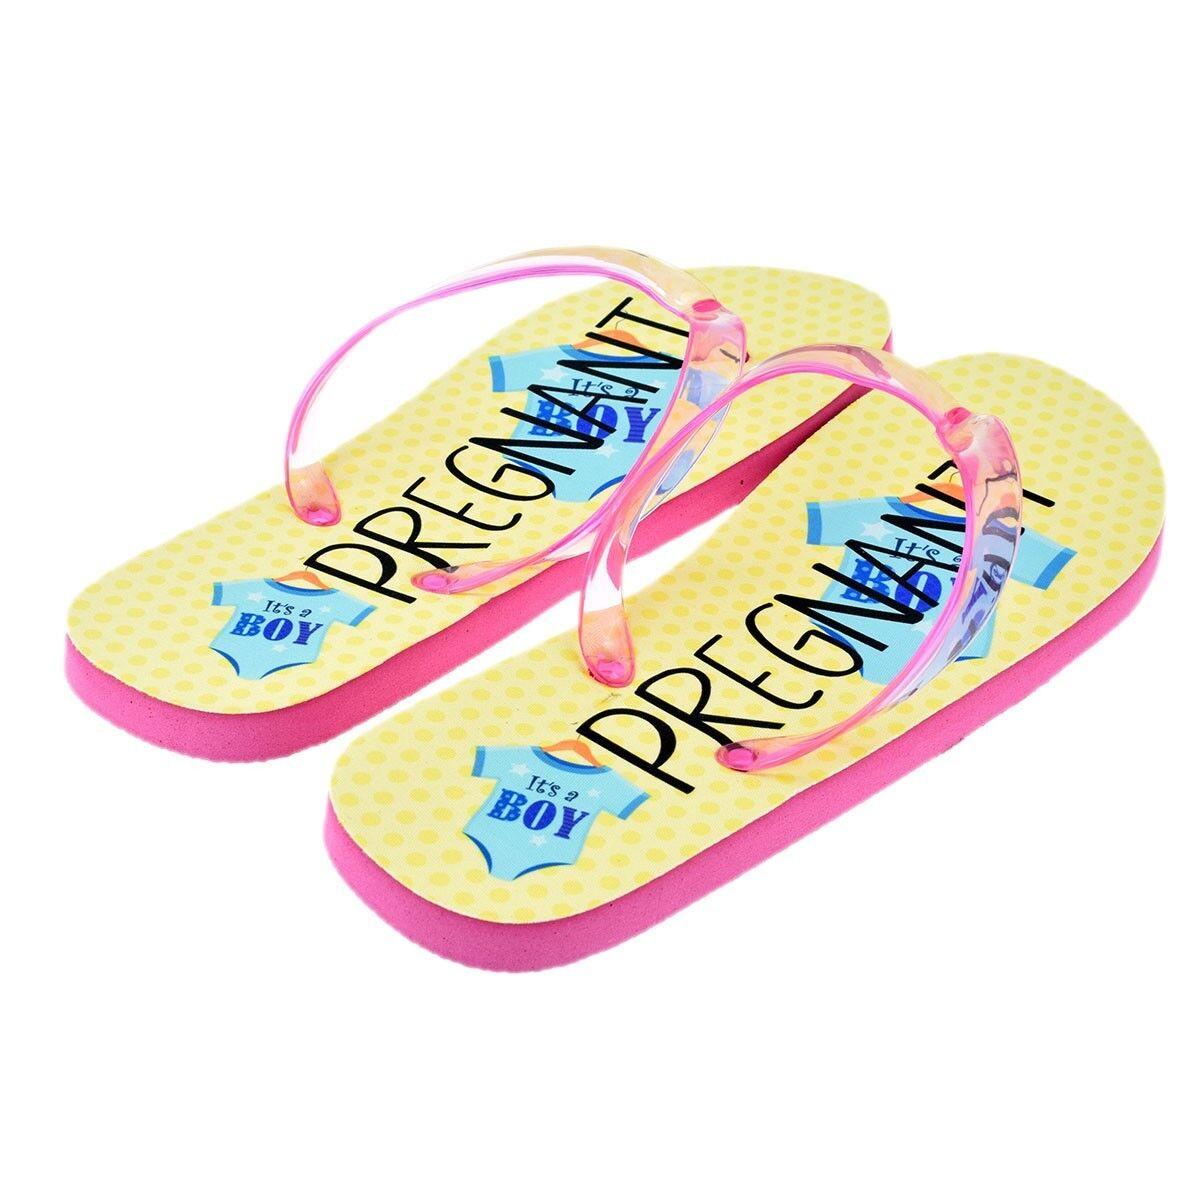 Pregnant Boy XFFS113-BOY Design Ladies Flip Flops XFFS113-BOY Boy a1b308